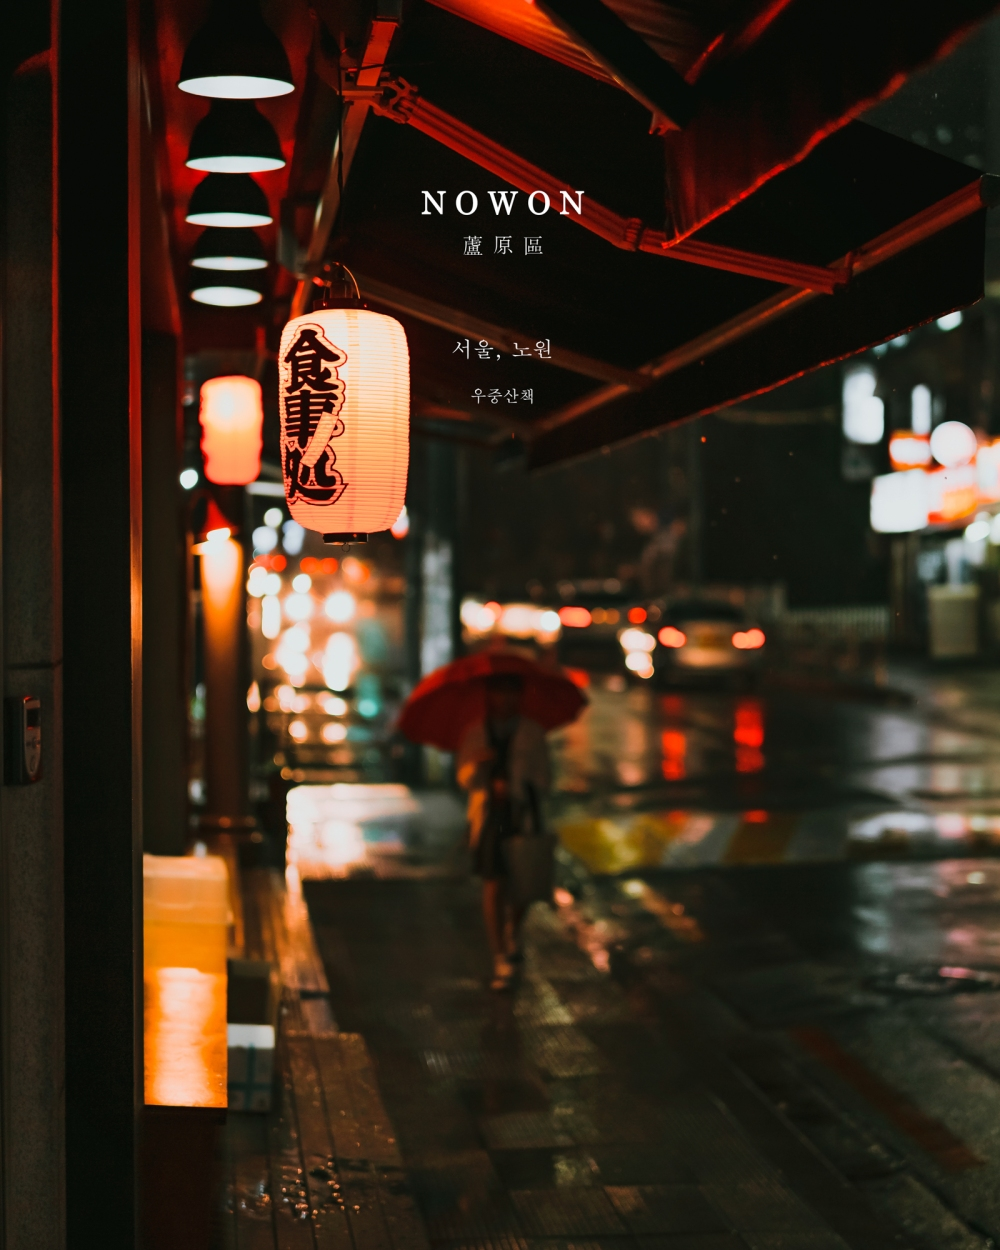 Rainy Nowon-2